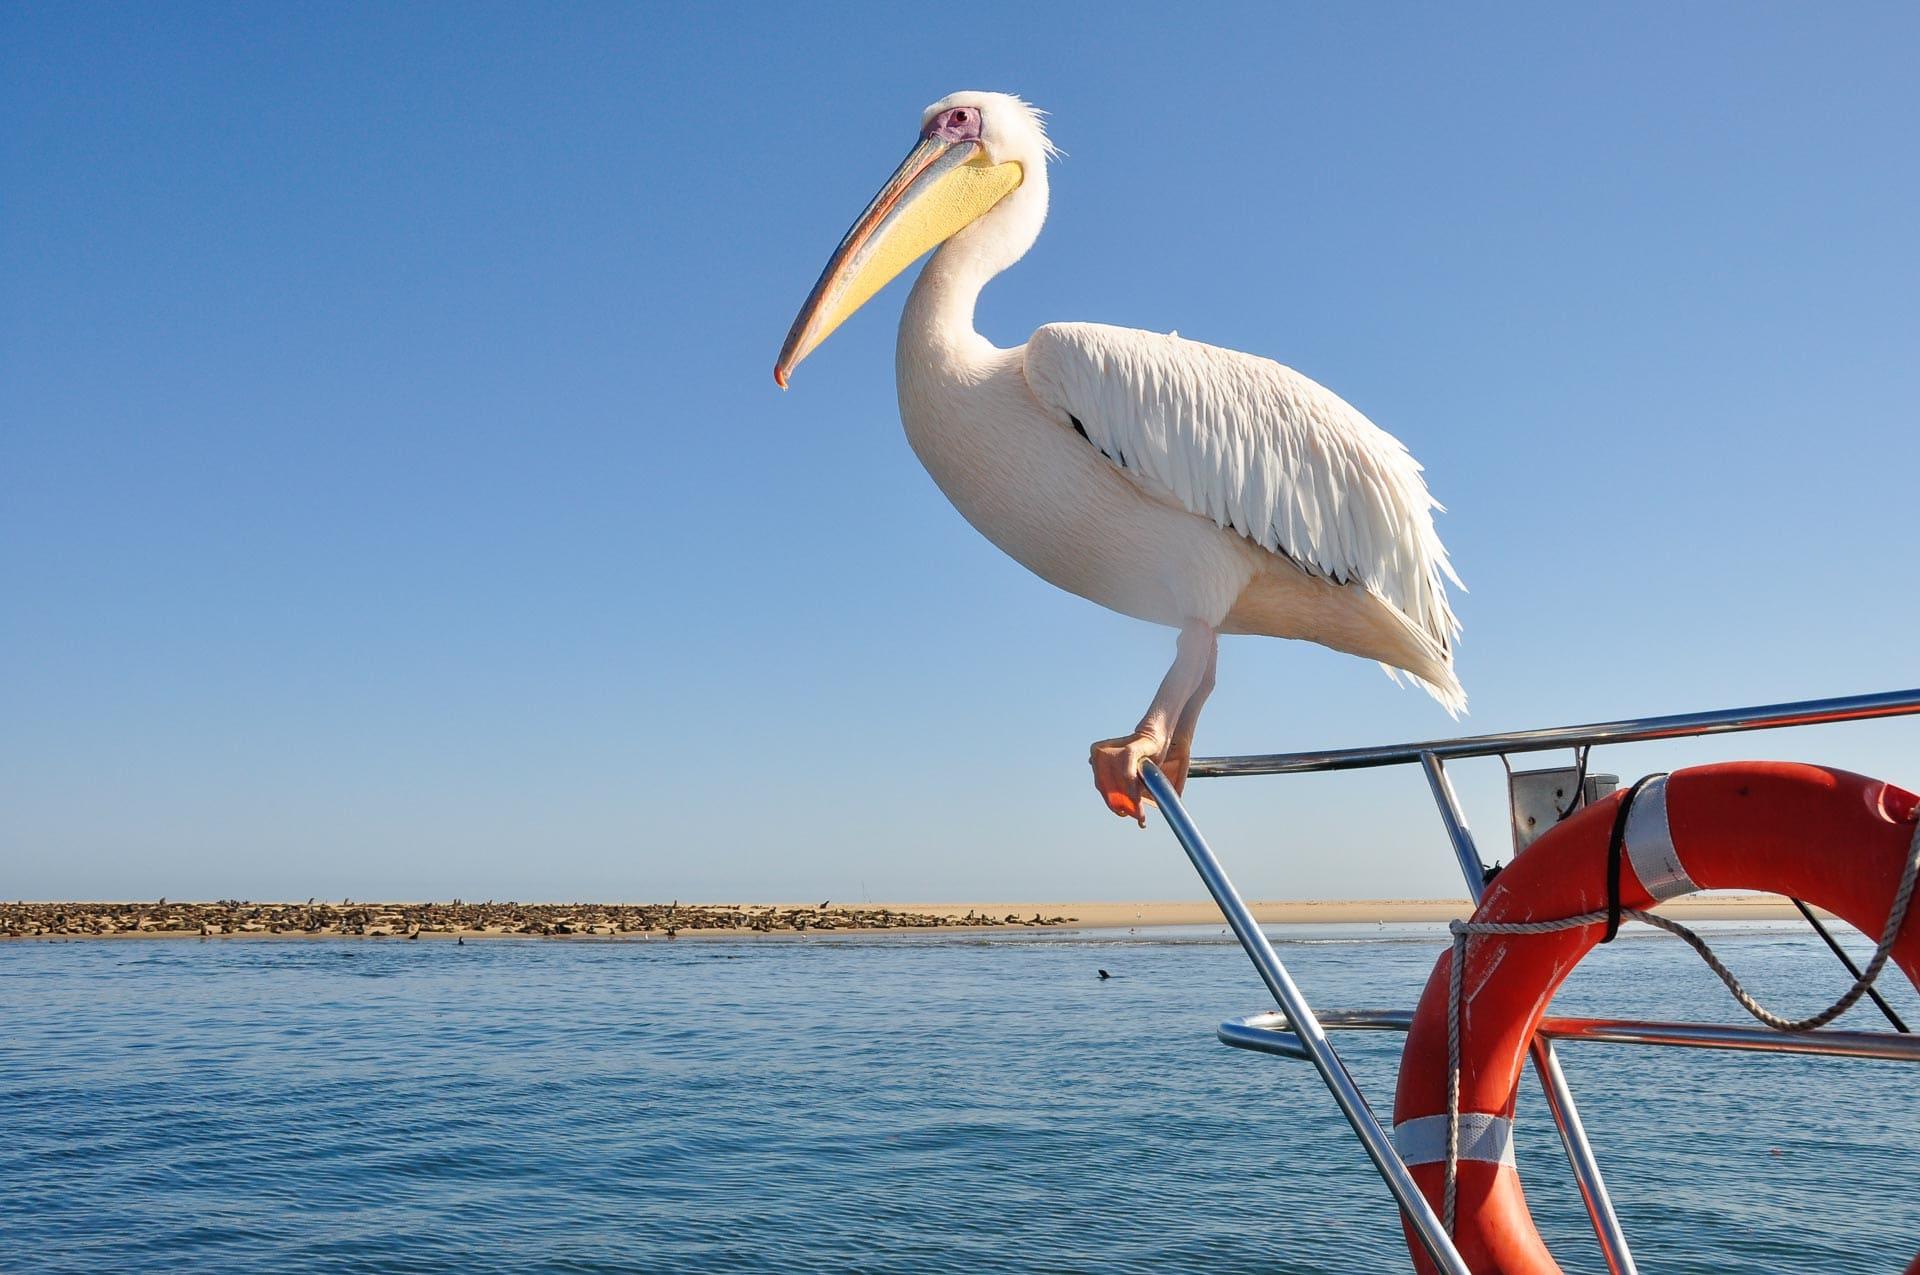 Swakopmund-Catamaran-Walfish-Bay-Namibia-Globetrotter-Select-15